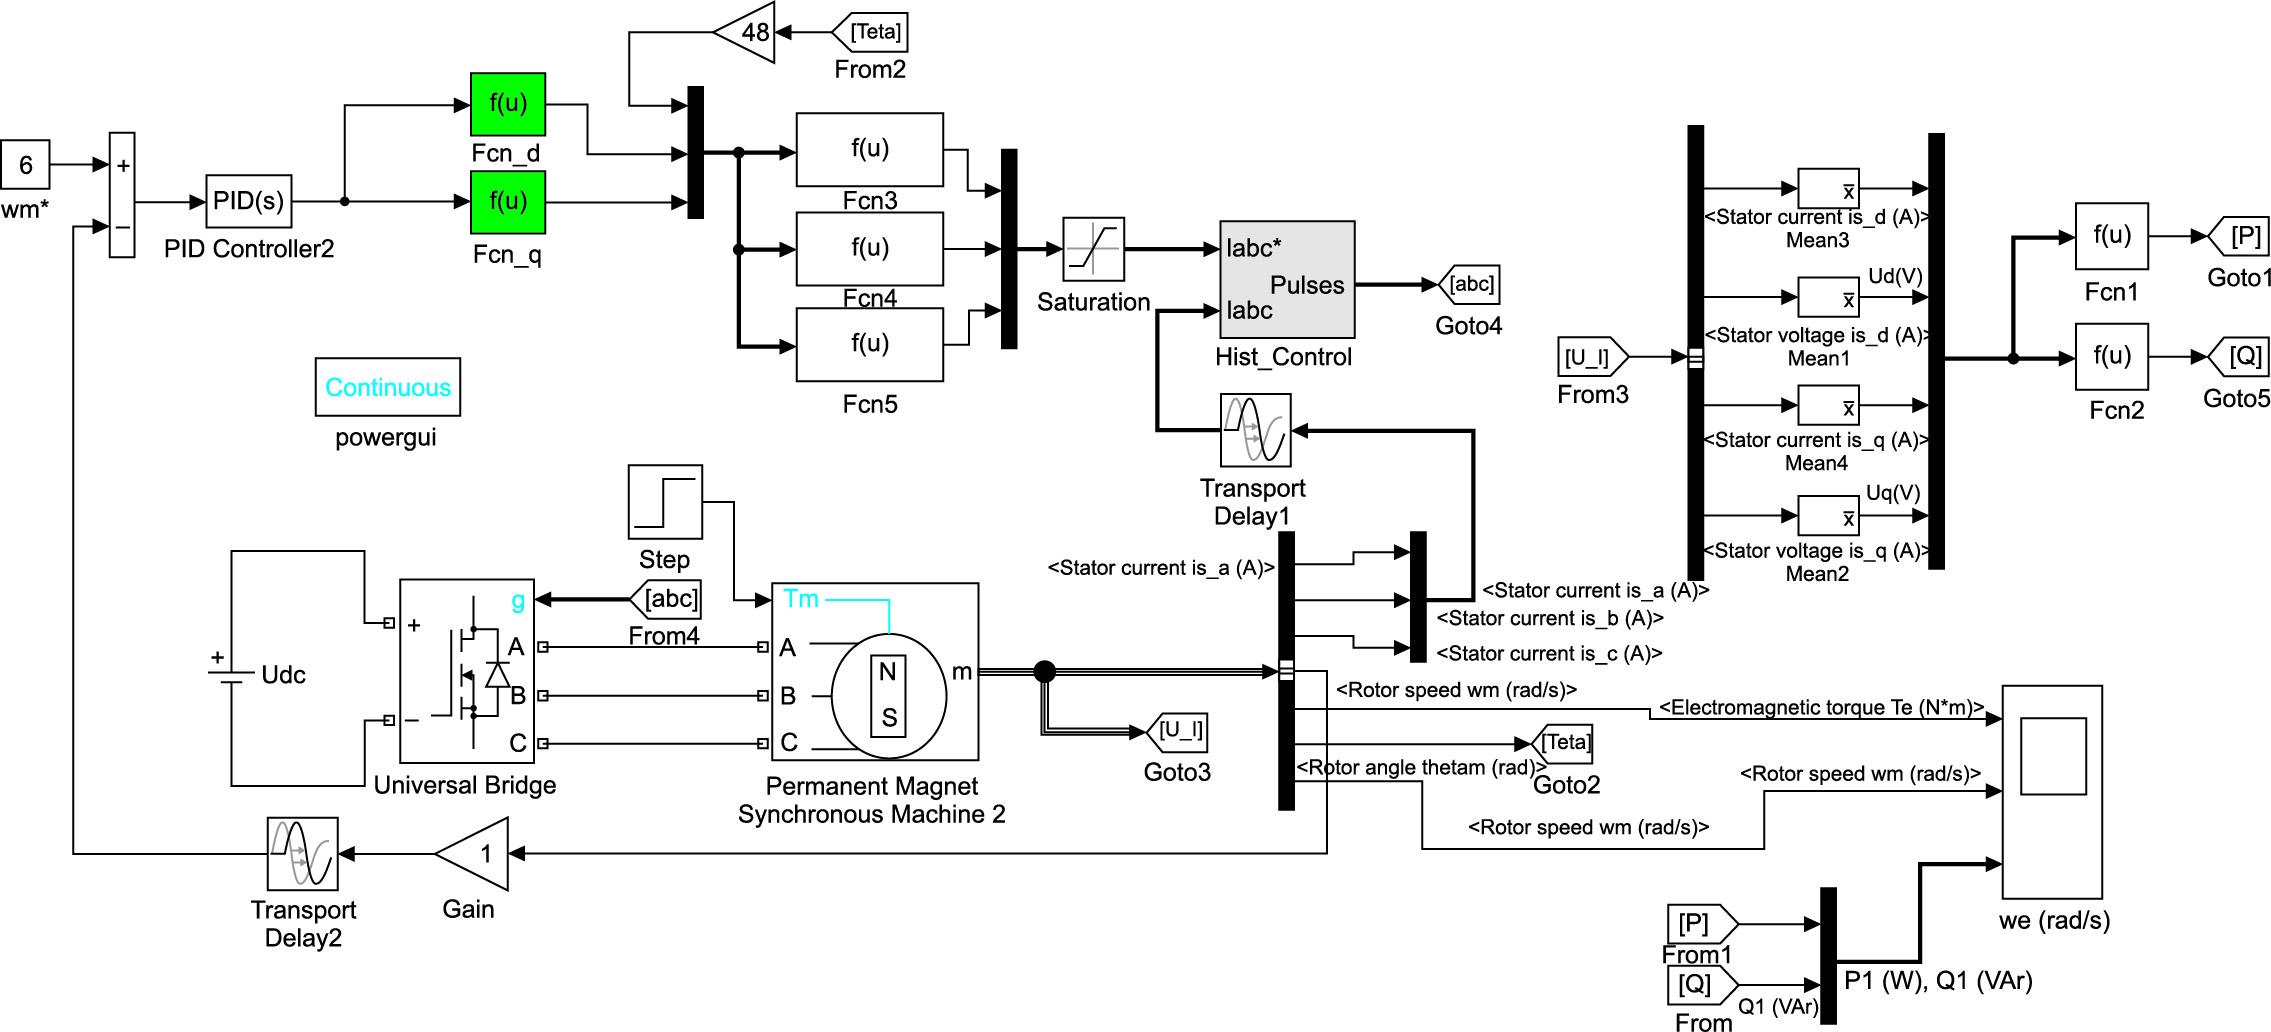 Виртуальная модель вентильного электропривода, оптимизированного по энергетическим показателям